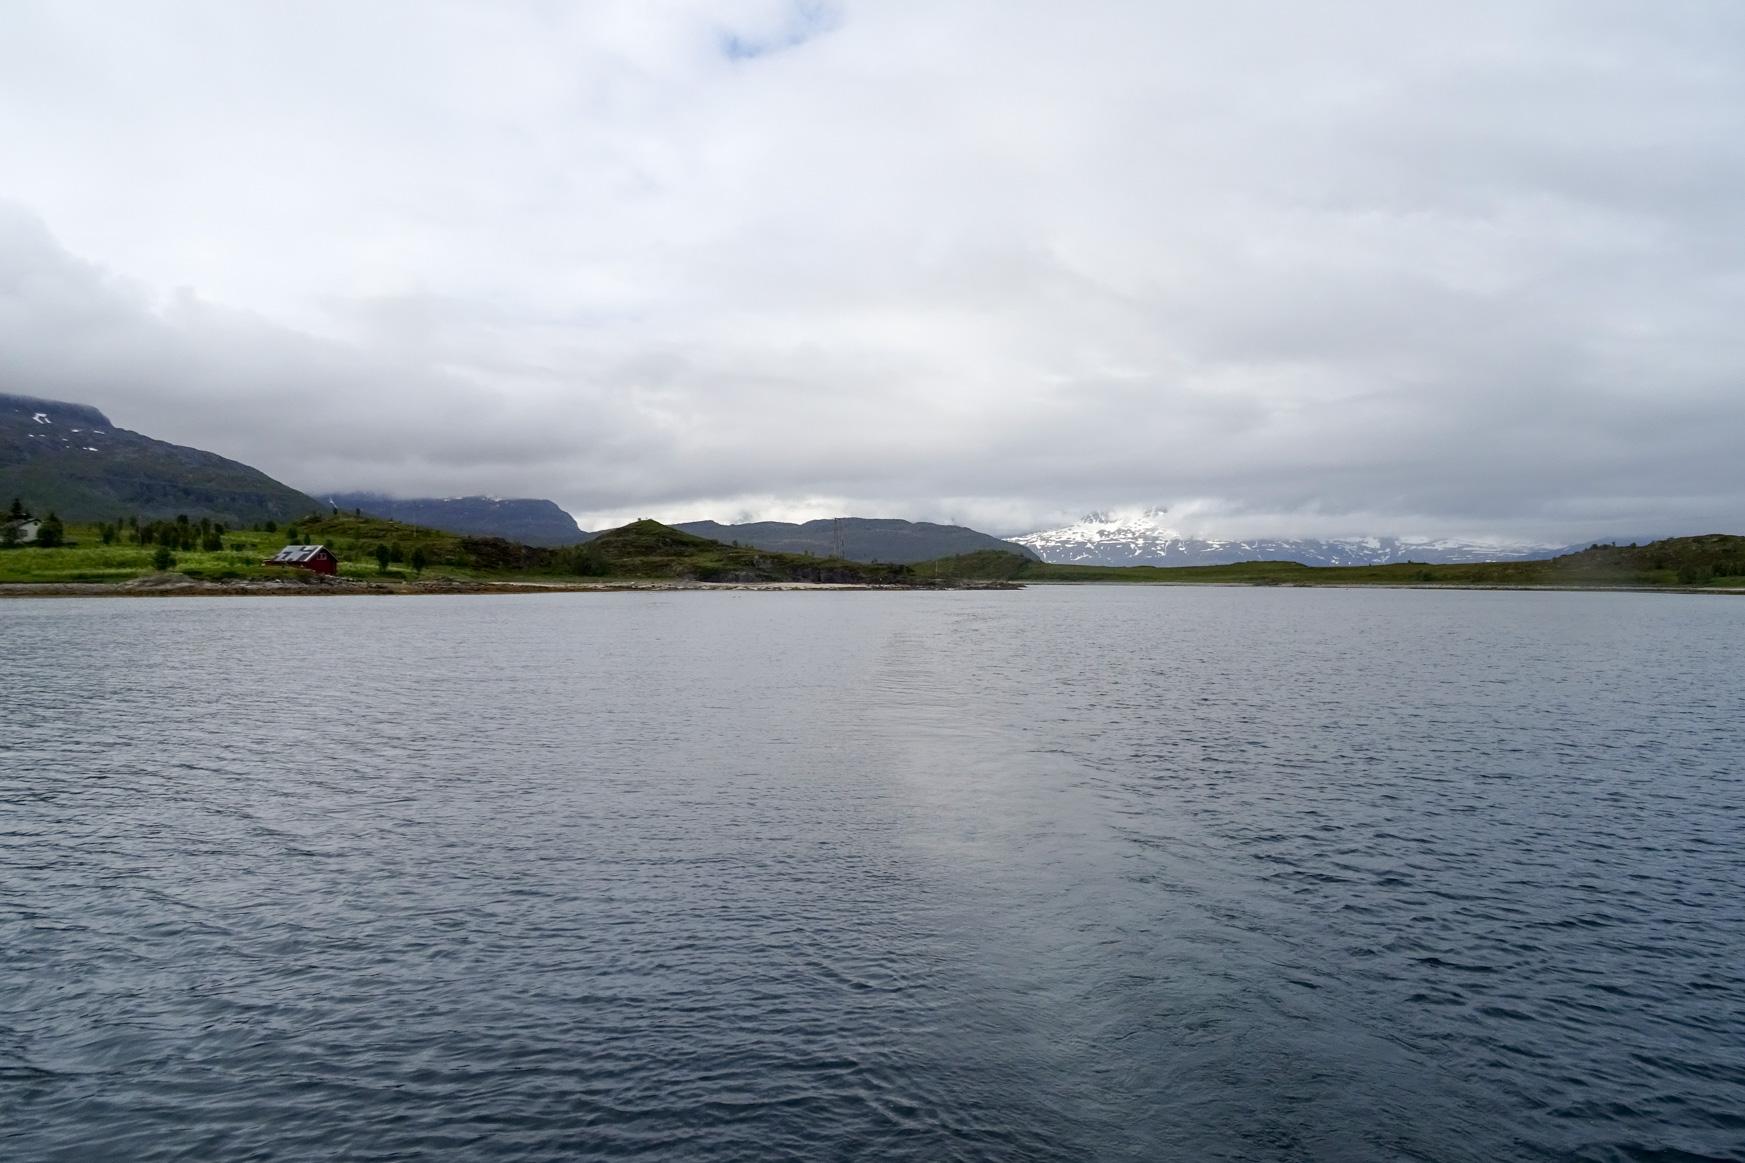 Follesoyhamn